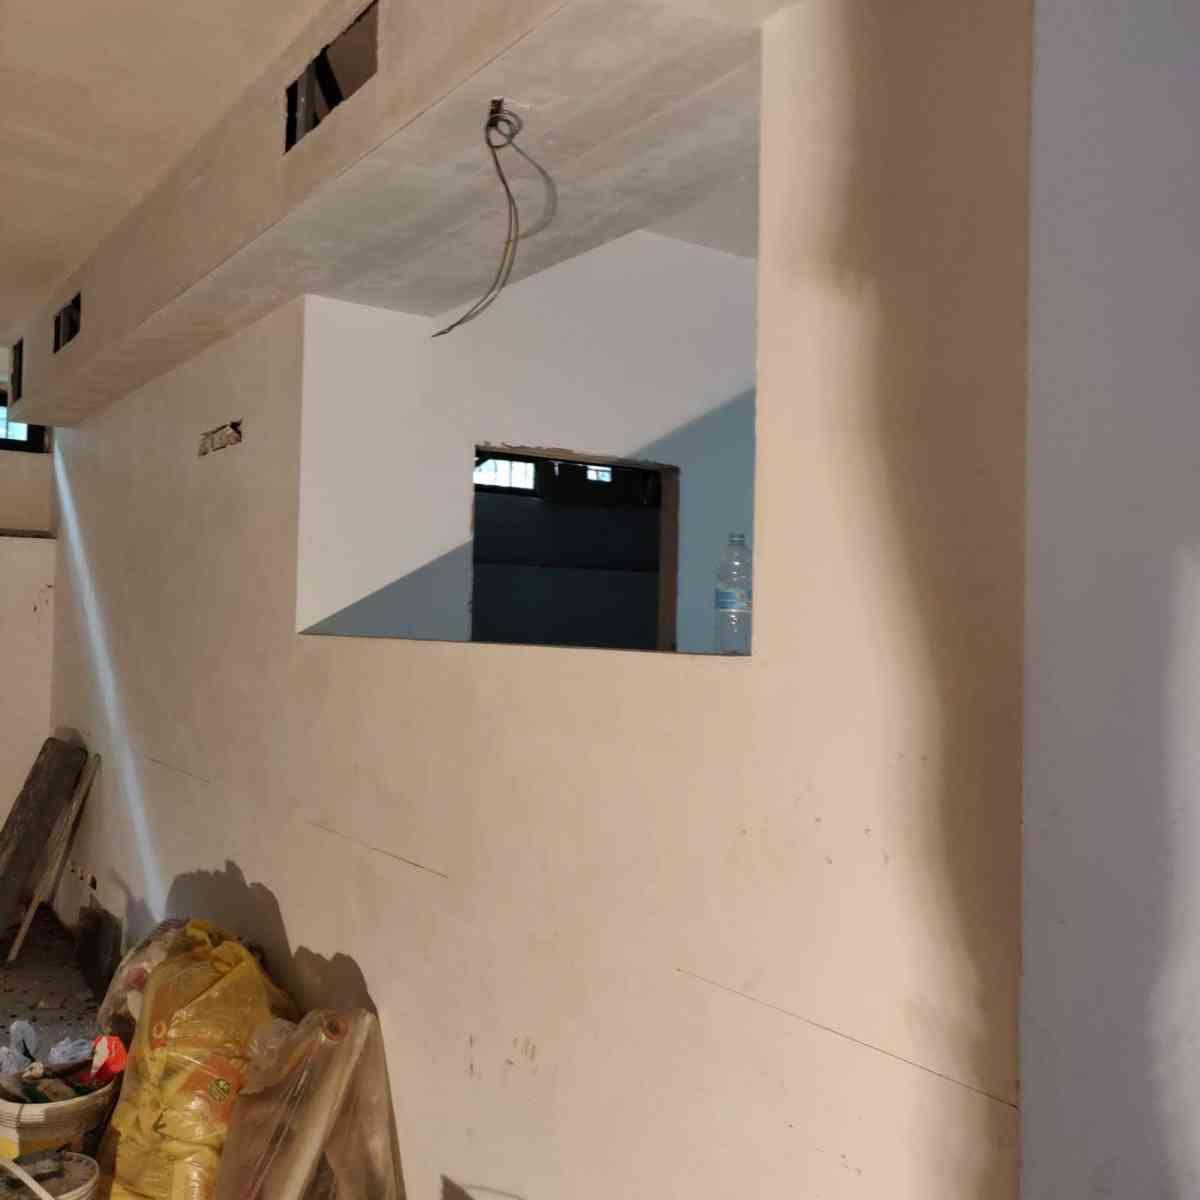 appartamenti-c3-in-vendita-via-chinotto-san-siro-milano-spaziourbano-immobiliare-vende-3-locali-2-locali-appartamenti-7